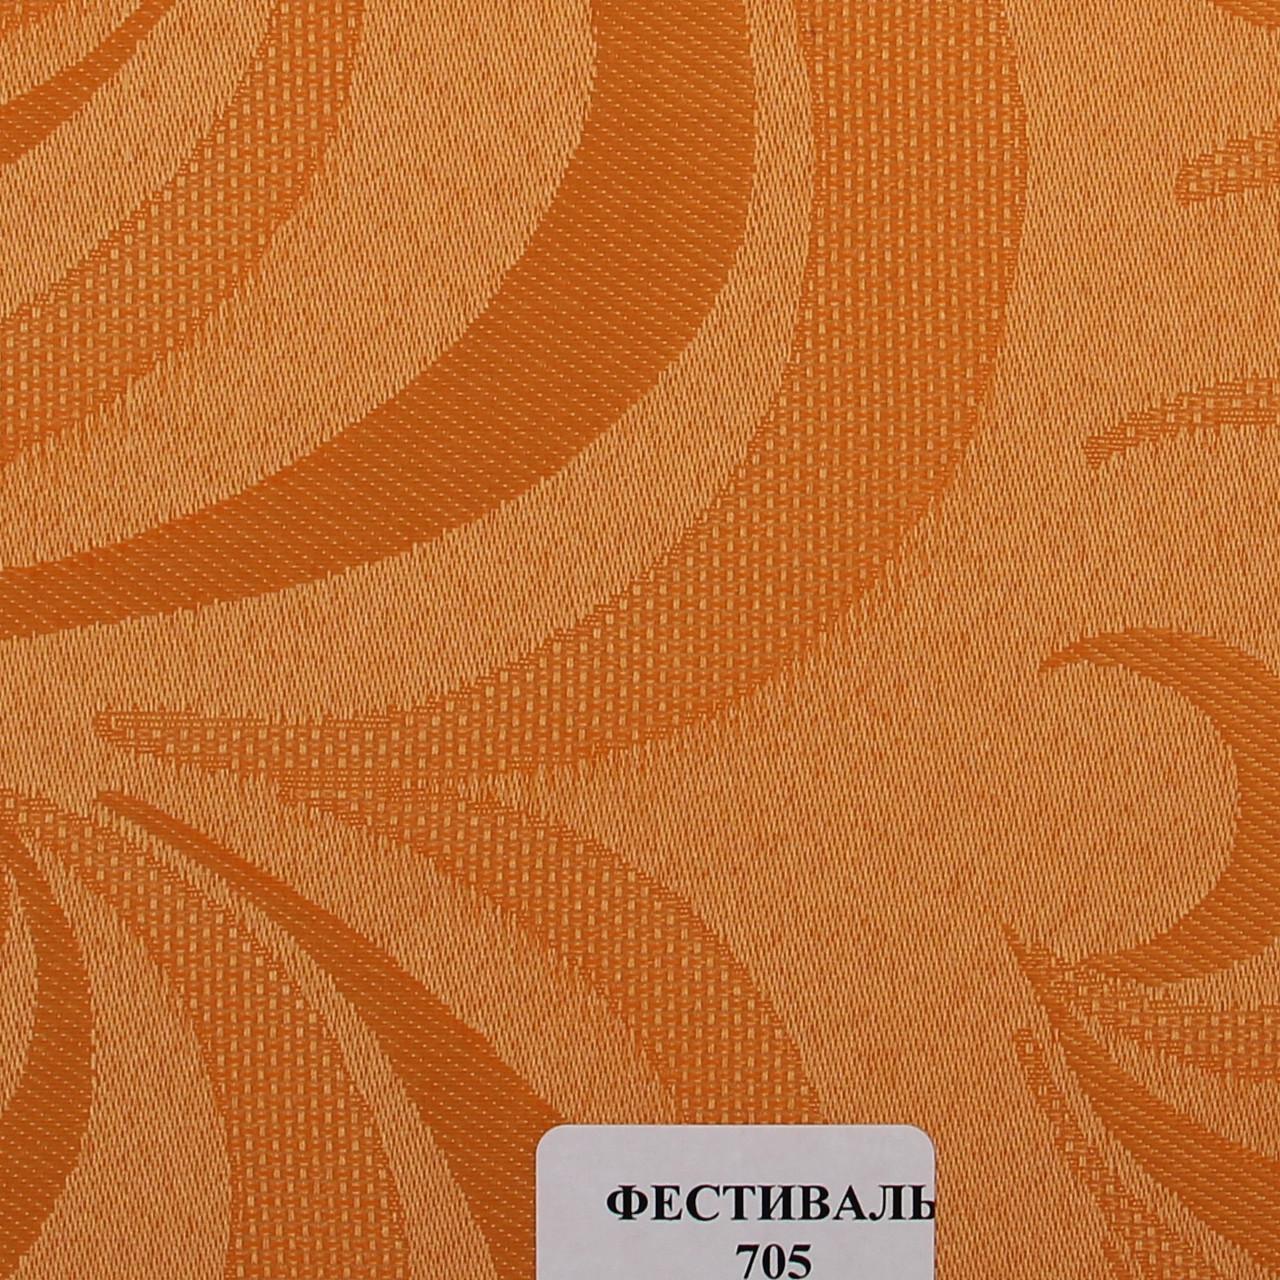 Рулонні штори Тканина Фестиваль Помаранчевий 705